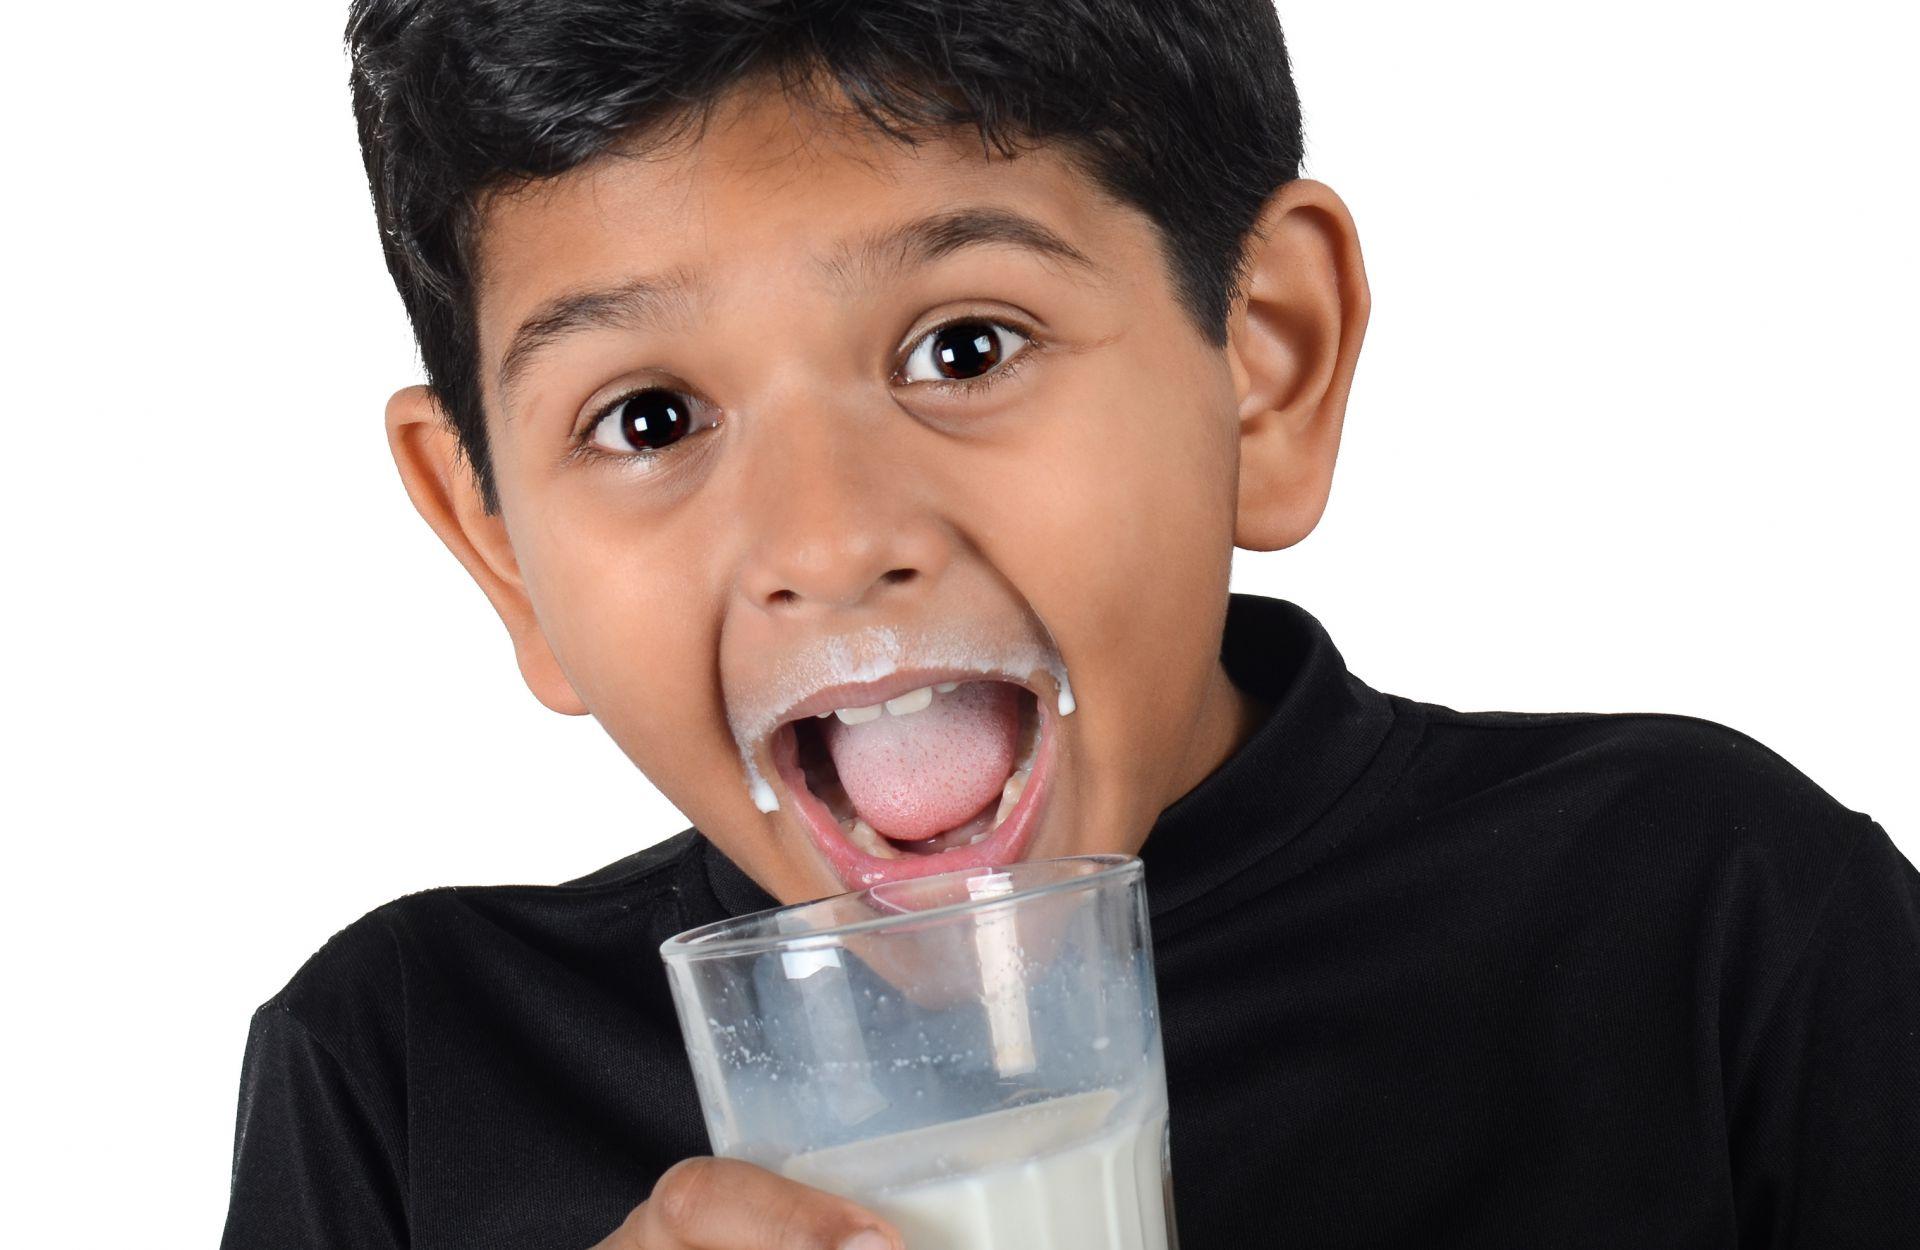 Susu Penyebab Si Kecil Gemuk, Benarkah?